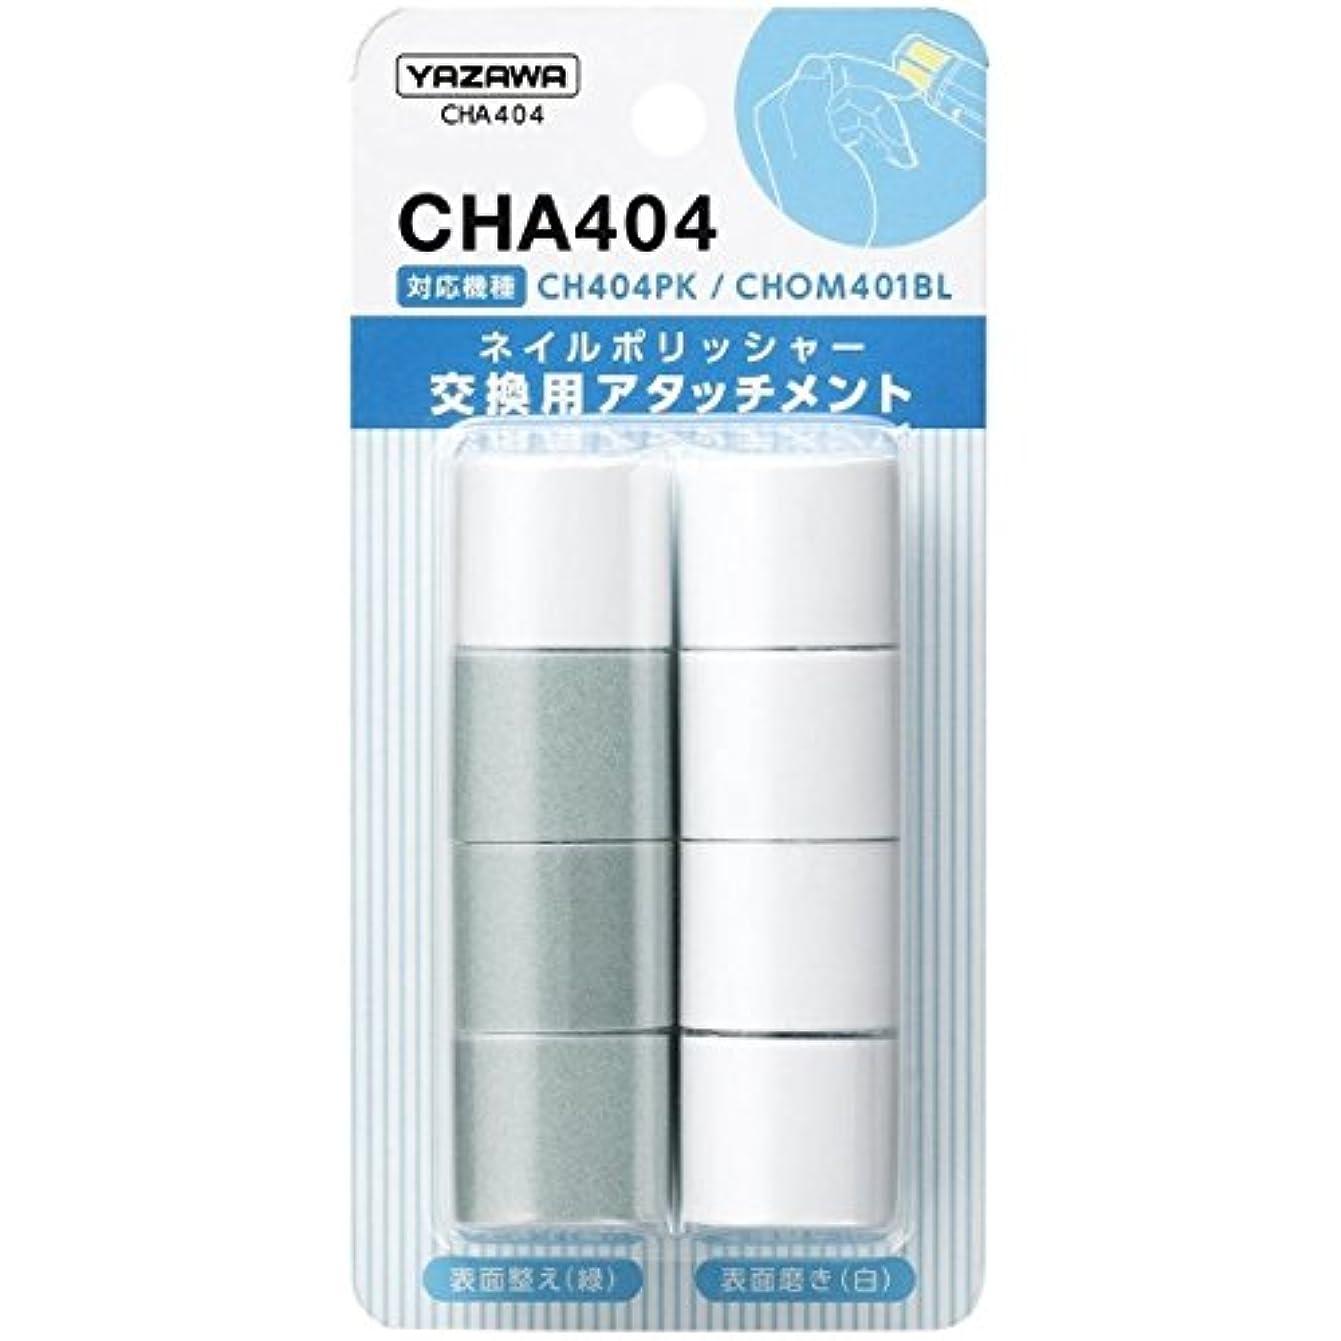 戦艦はっきりしない薬理学YAZAWA(ヤザワコーポレーション) ネイルポリッシャー交換用アタッチメント CHA404